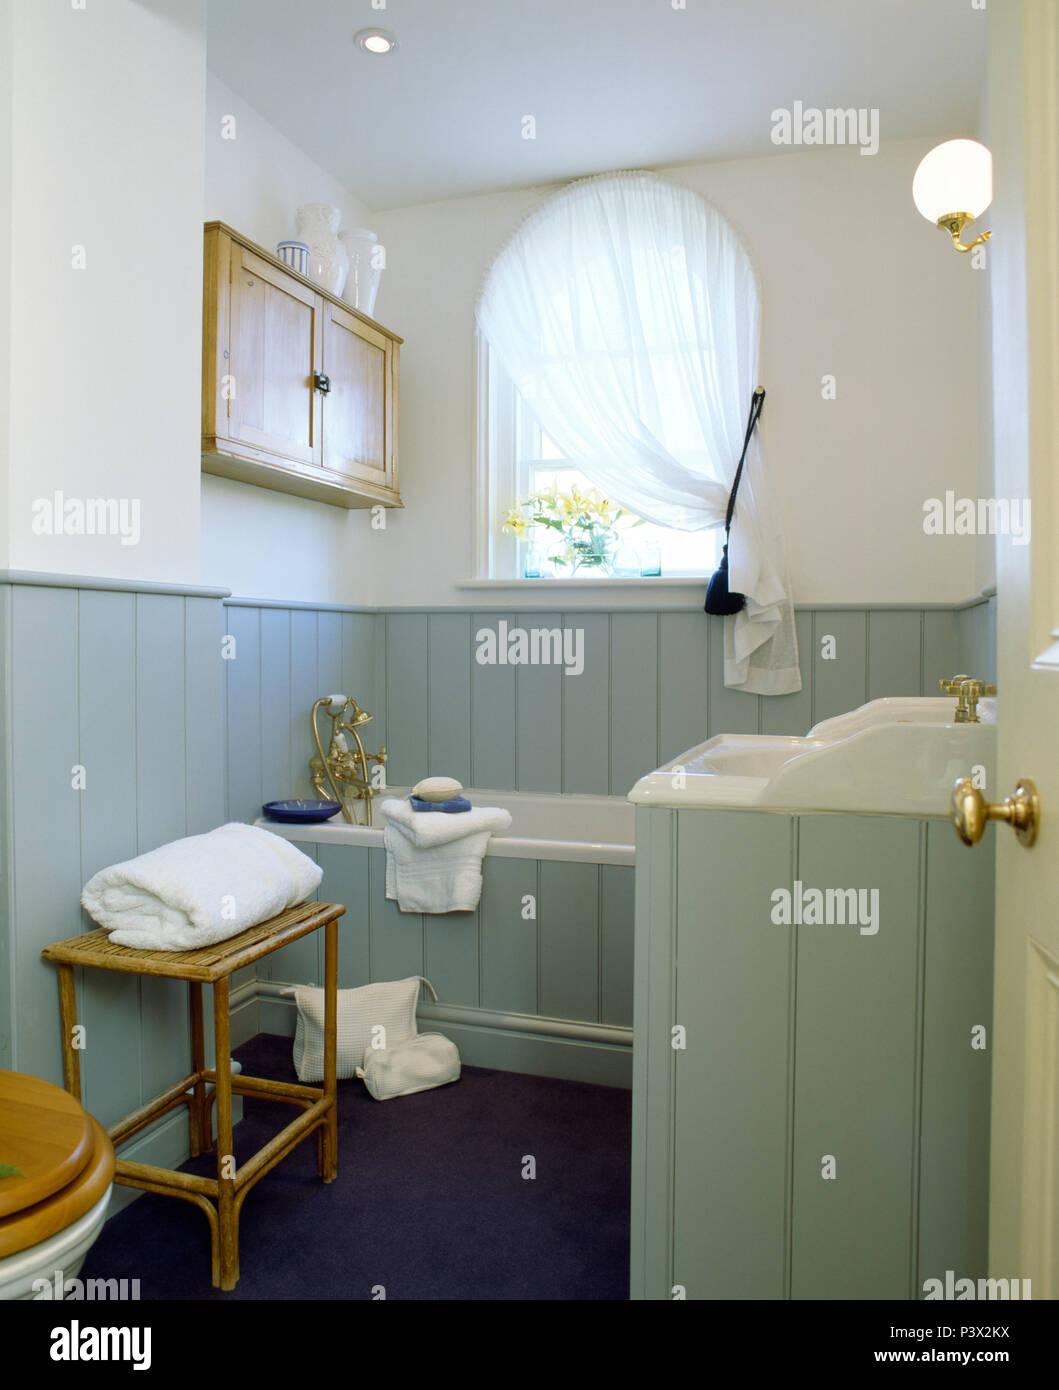 Hellblau Grau Zunge Nut Verkleidung In Kleinen Landes Badezimmer